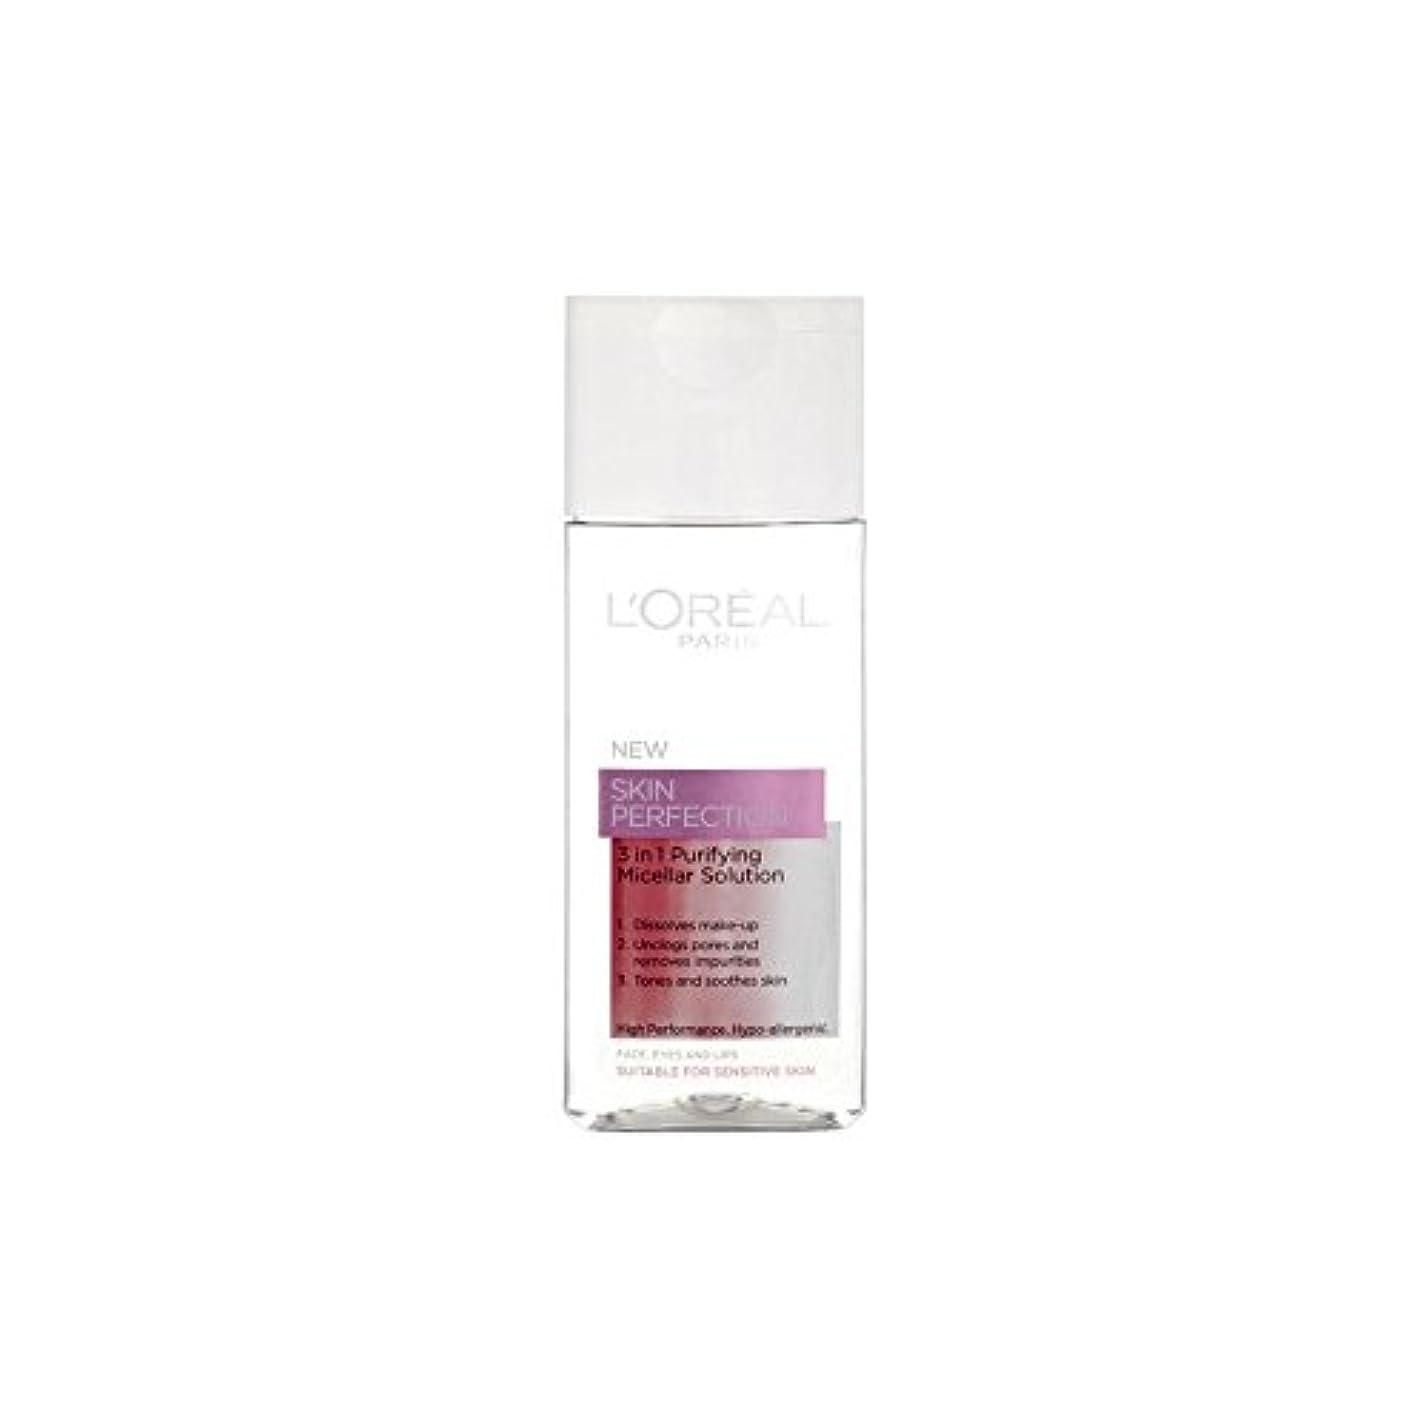 熟す震える下にL'Oreal Paris Dermo Expertise Skin Perfection 3 In 1 Purifying Micellar Solution (200ml) - 1つの精製ミセル溶液中ロレアルパリ?ダーモ...